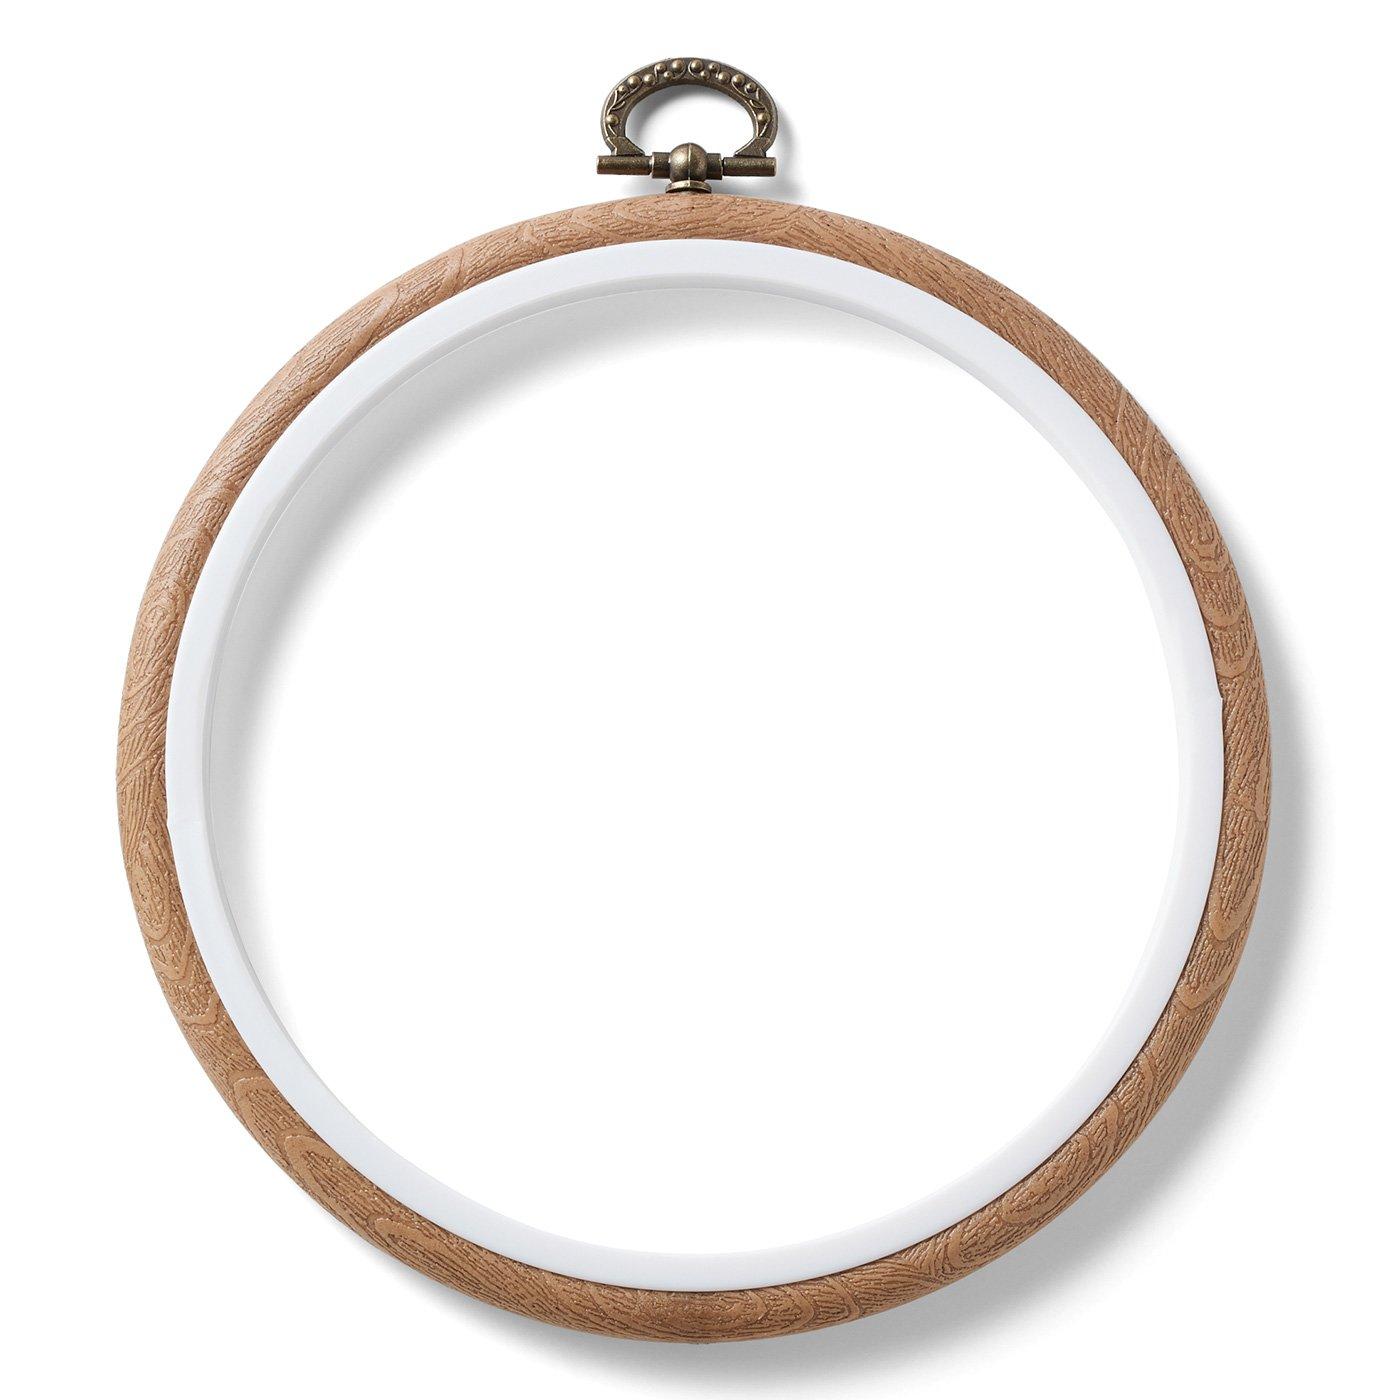 作品が映える木目調のフレーム〈円形〉